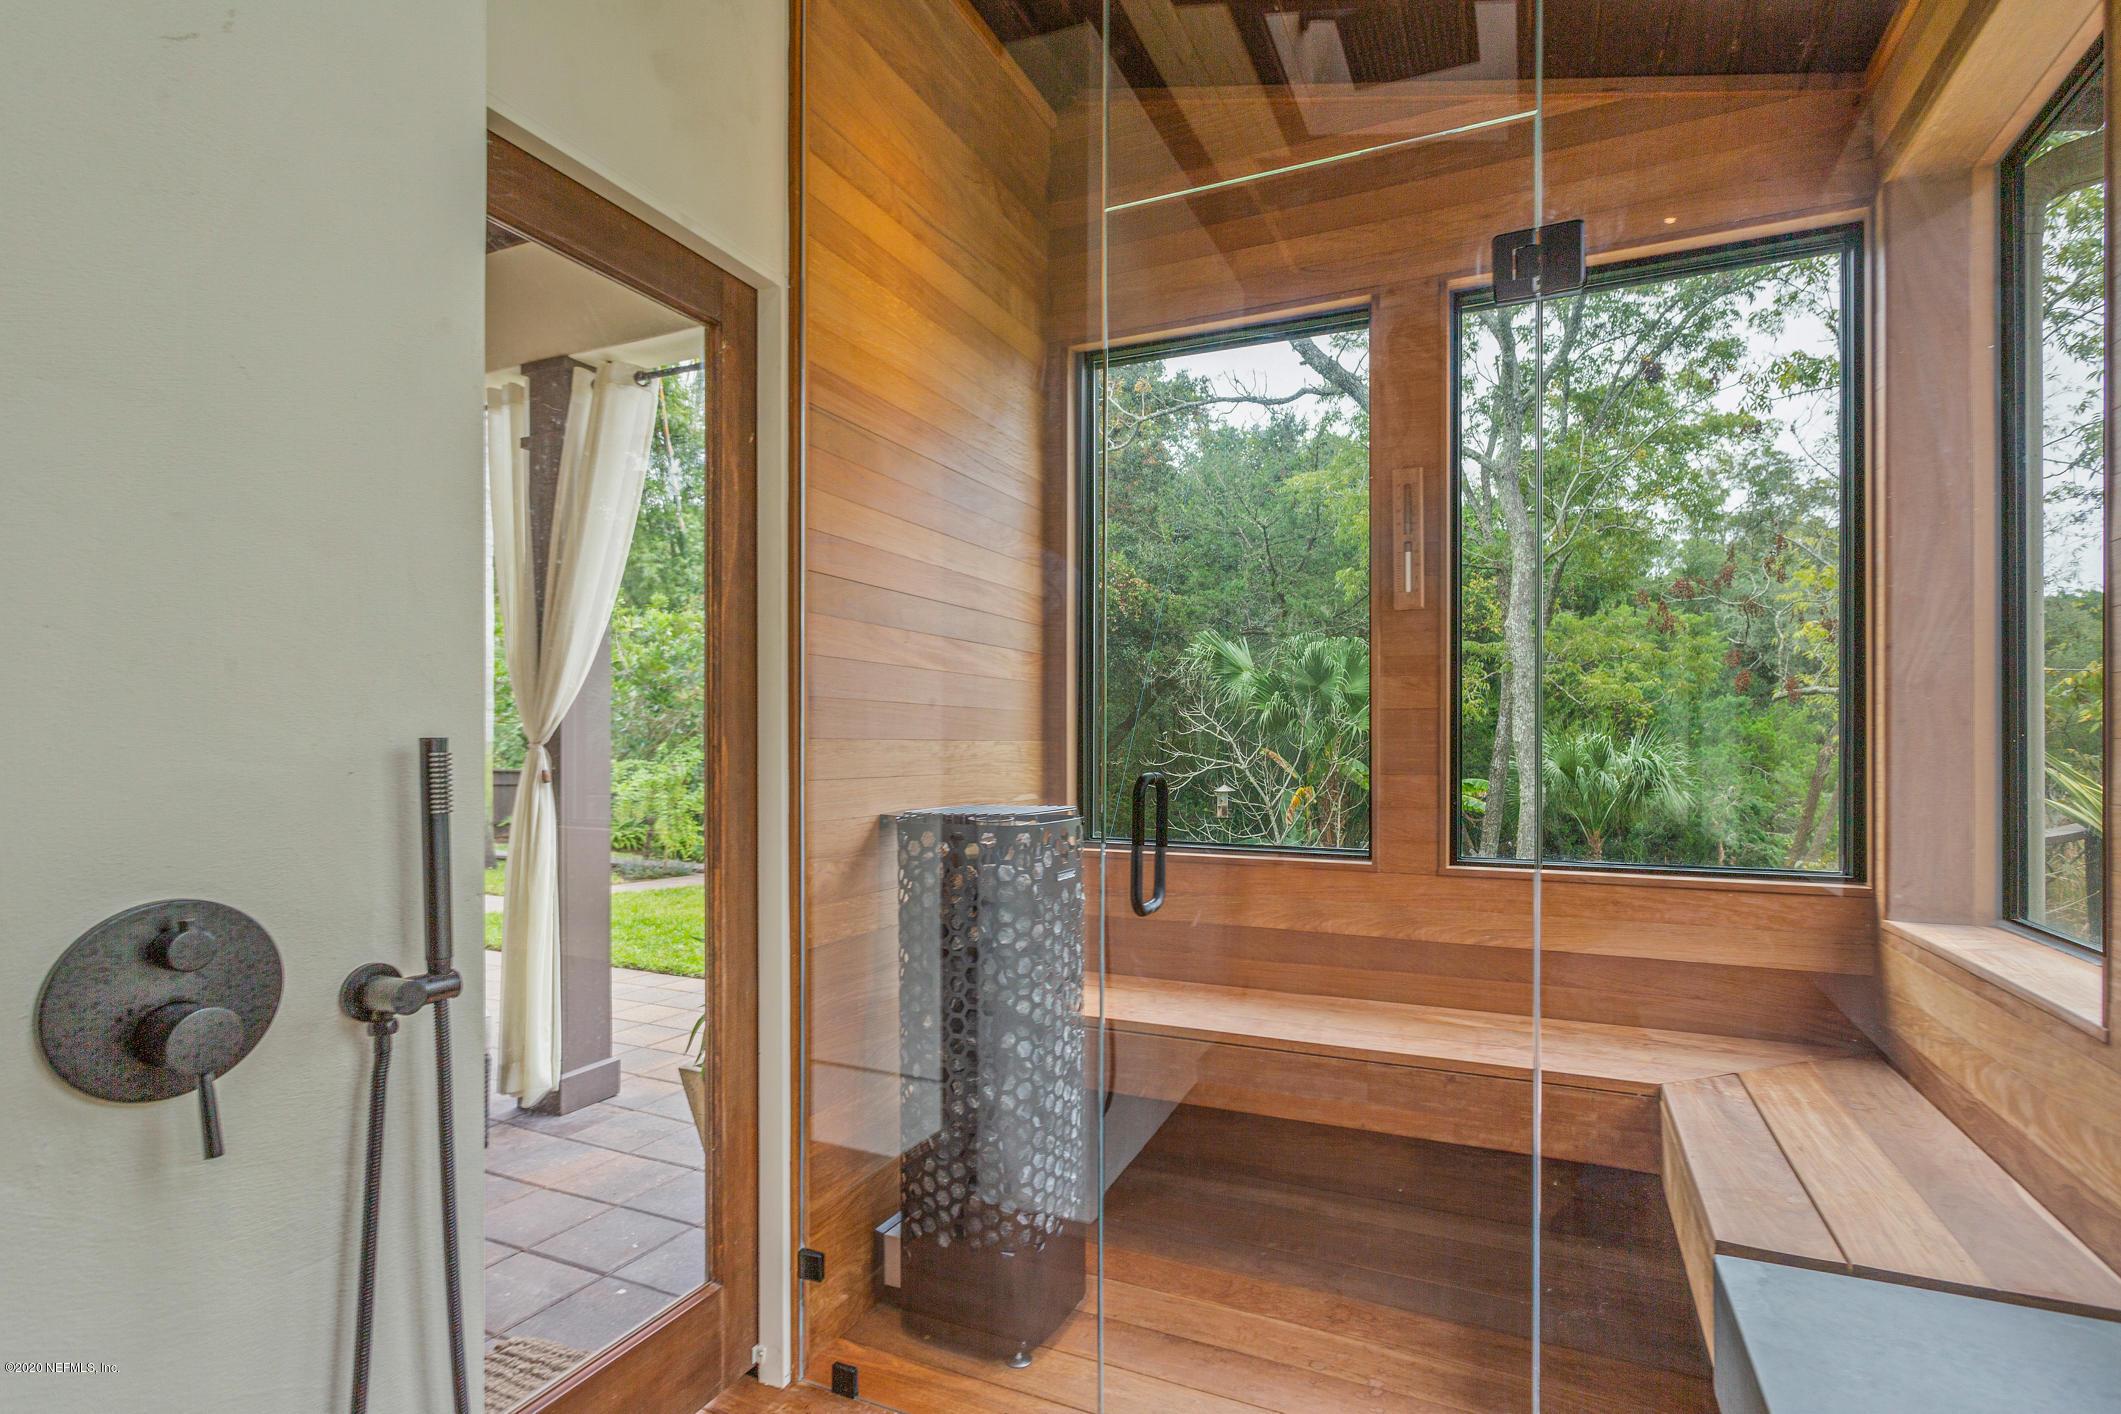 1010 SOMERUELUS, FERNANDINA BEACH, FLORIDA 32034, 5 Bedrooms Bedrooms, ,3 BathroomsBathrooms,Residential,For sale,SOMERUELUS,1079751